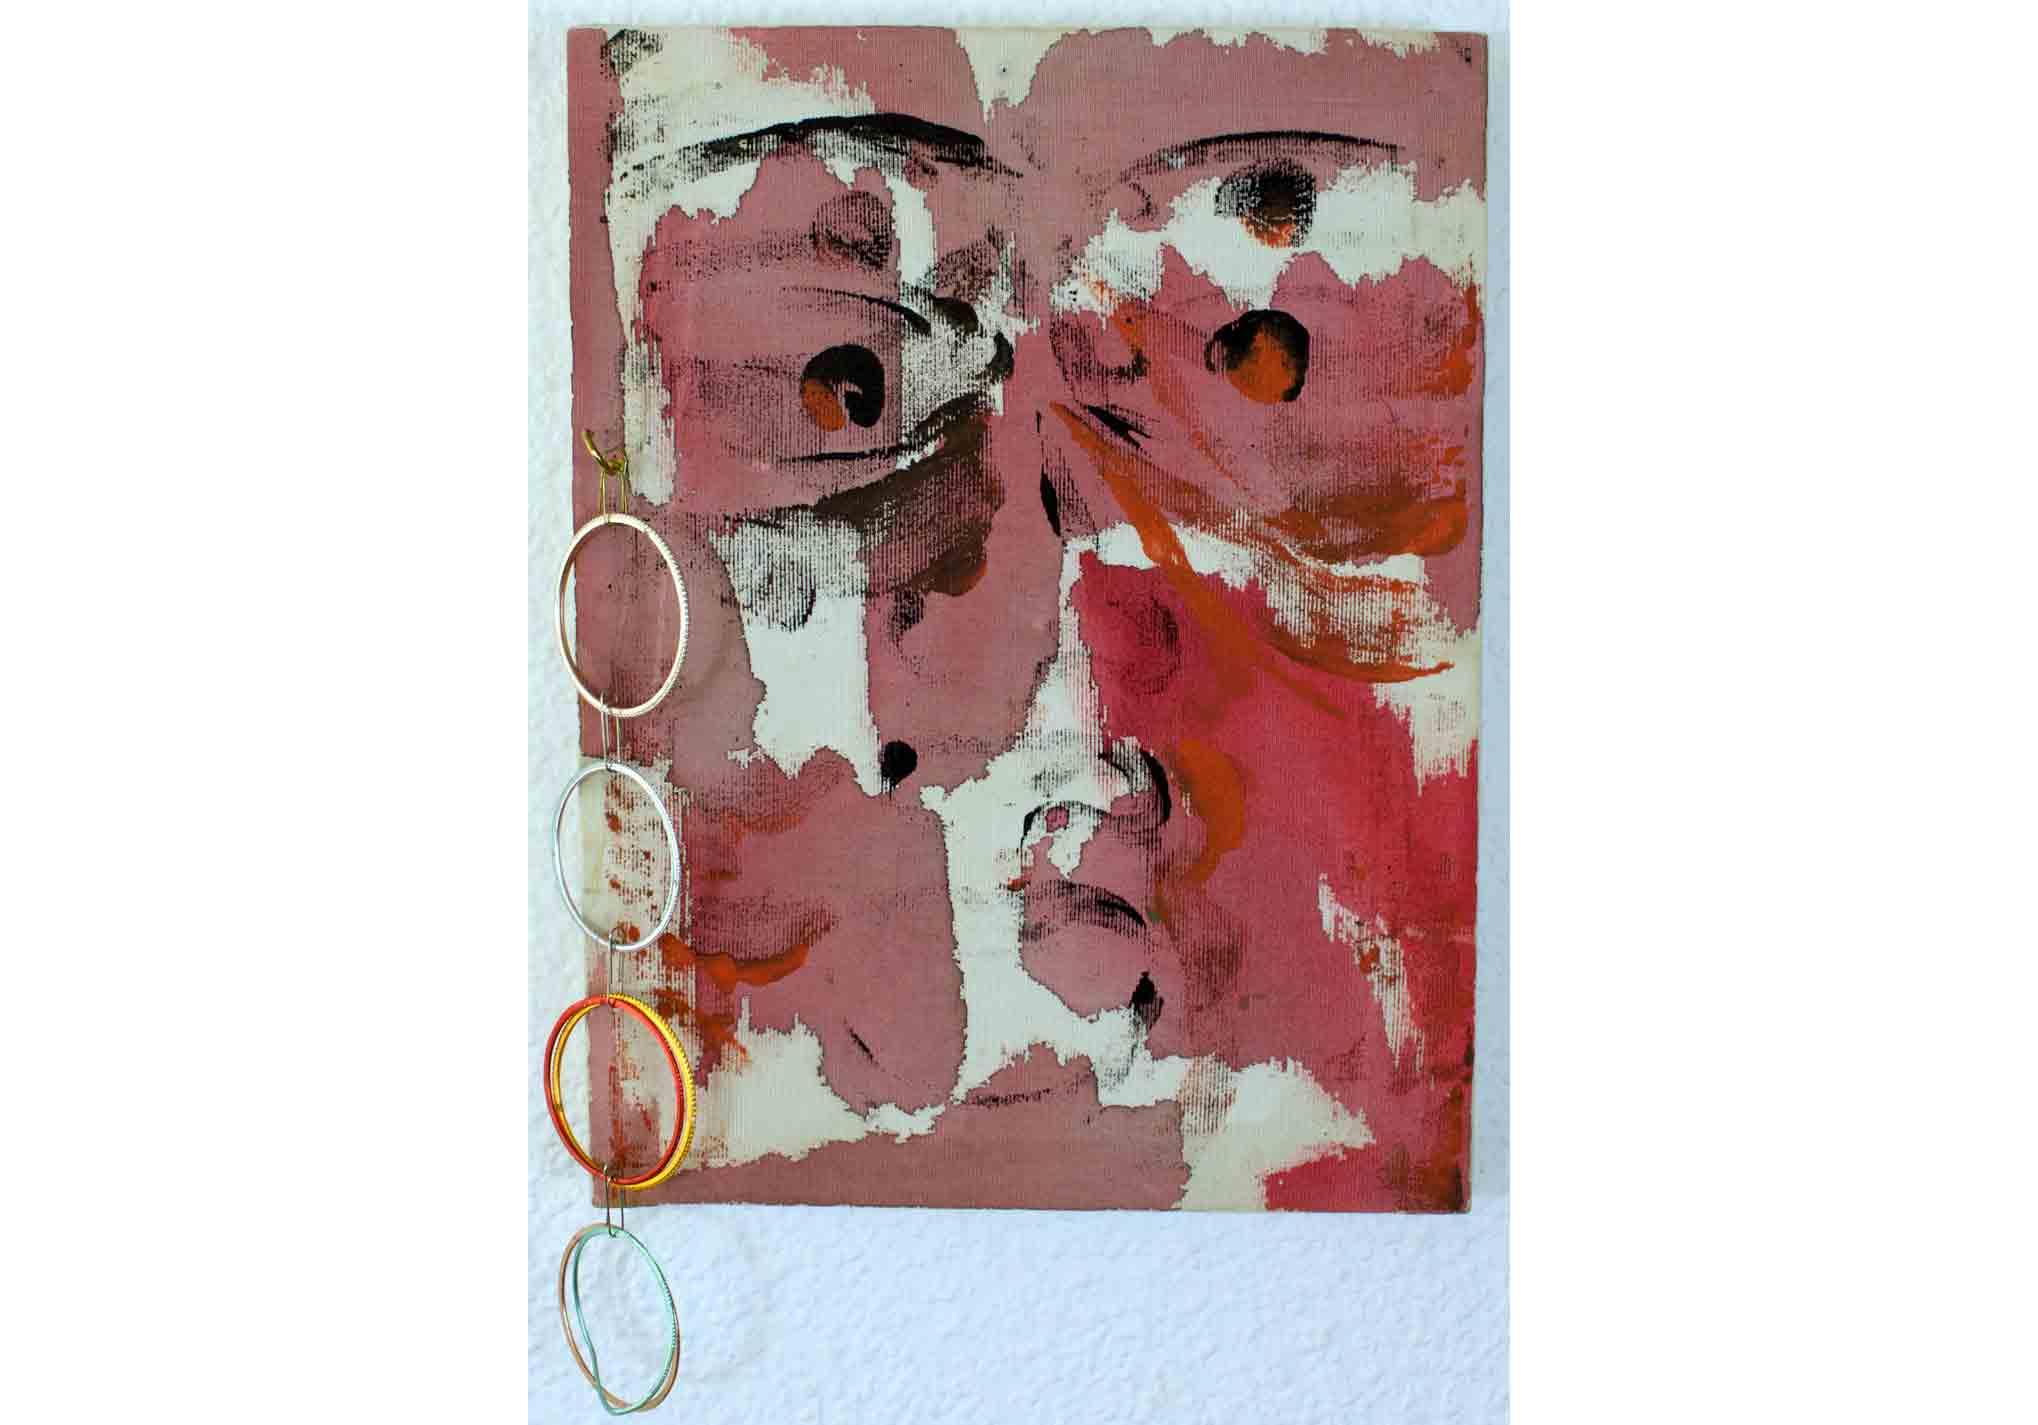 MT-Galerie-Zygmunt-Blazejewski-Gesicht-mit-Schmuck_17-006